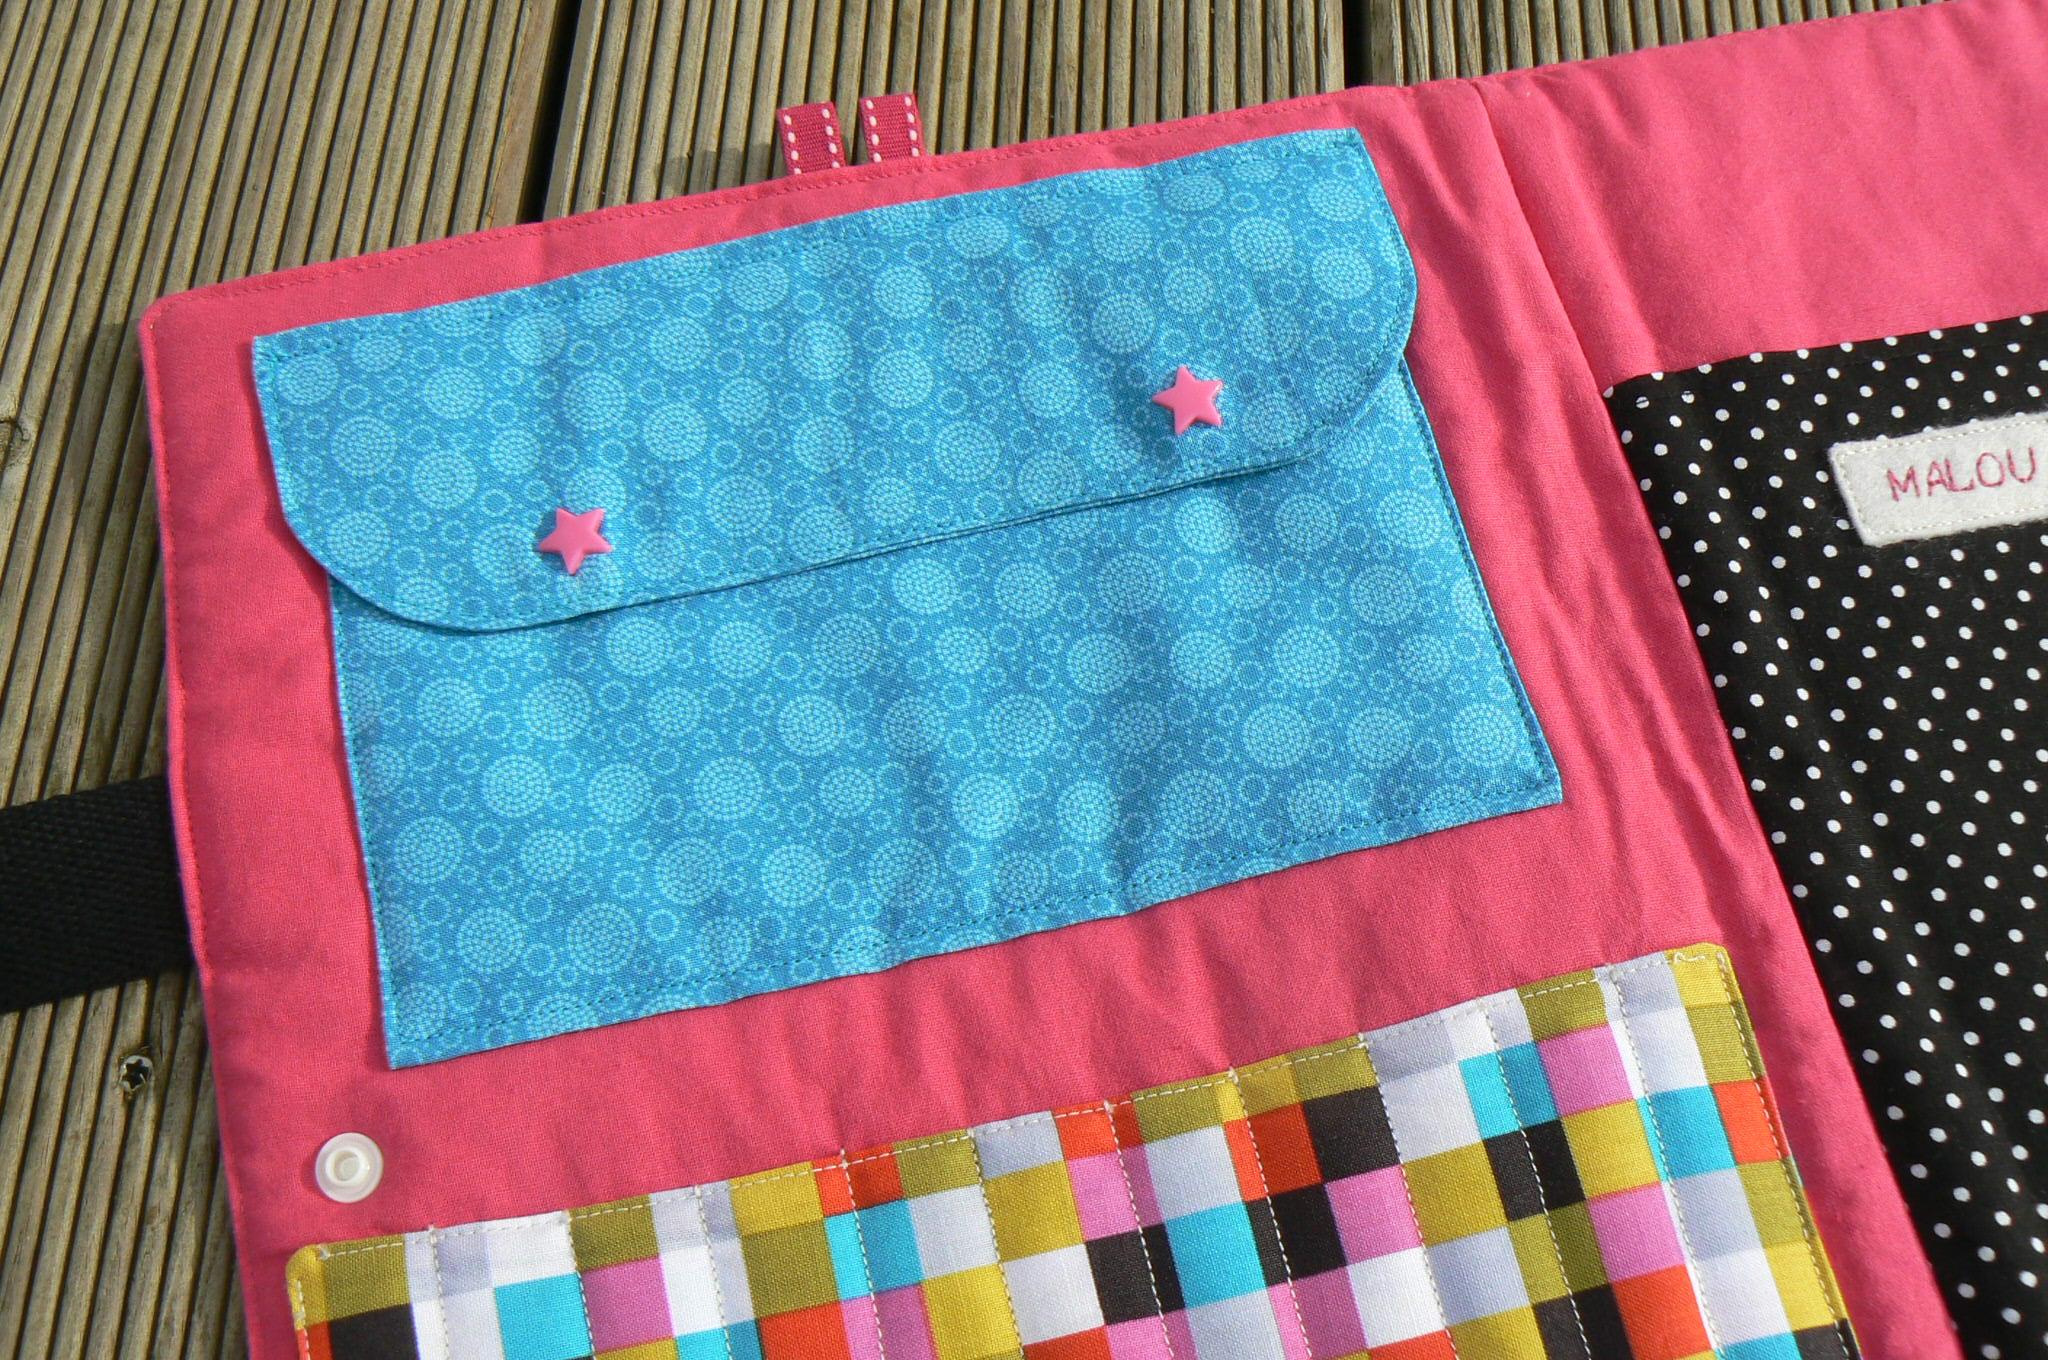 La mallette de malou mes petites coutures for Mallette couture enfant